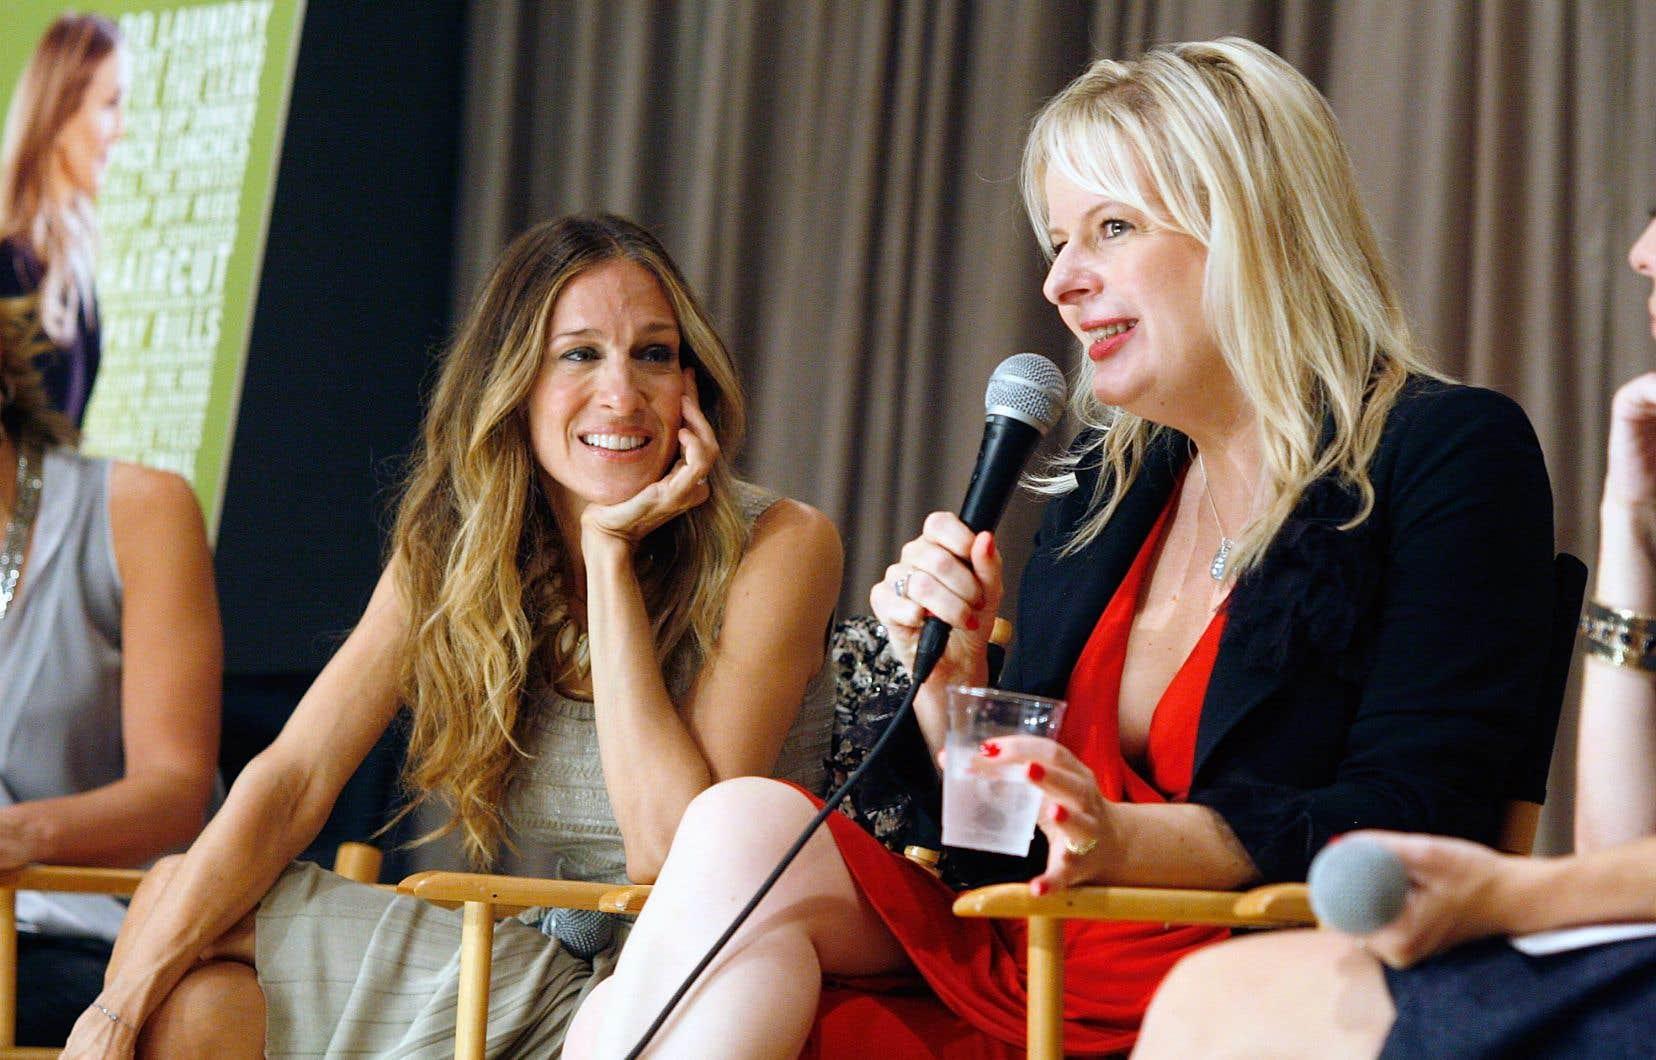 Quinze ans après avoir raconté les tribulations de Kate Reddy, transposées au cinéma et mettant en vedette Sarah Jessica Parker (à gauche), Allison Pearson, en 2011 sur notre photo, ramène son héroïne angoissée.